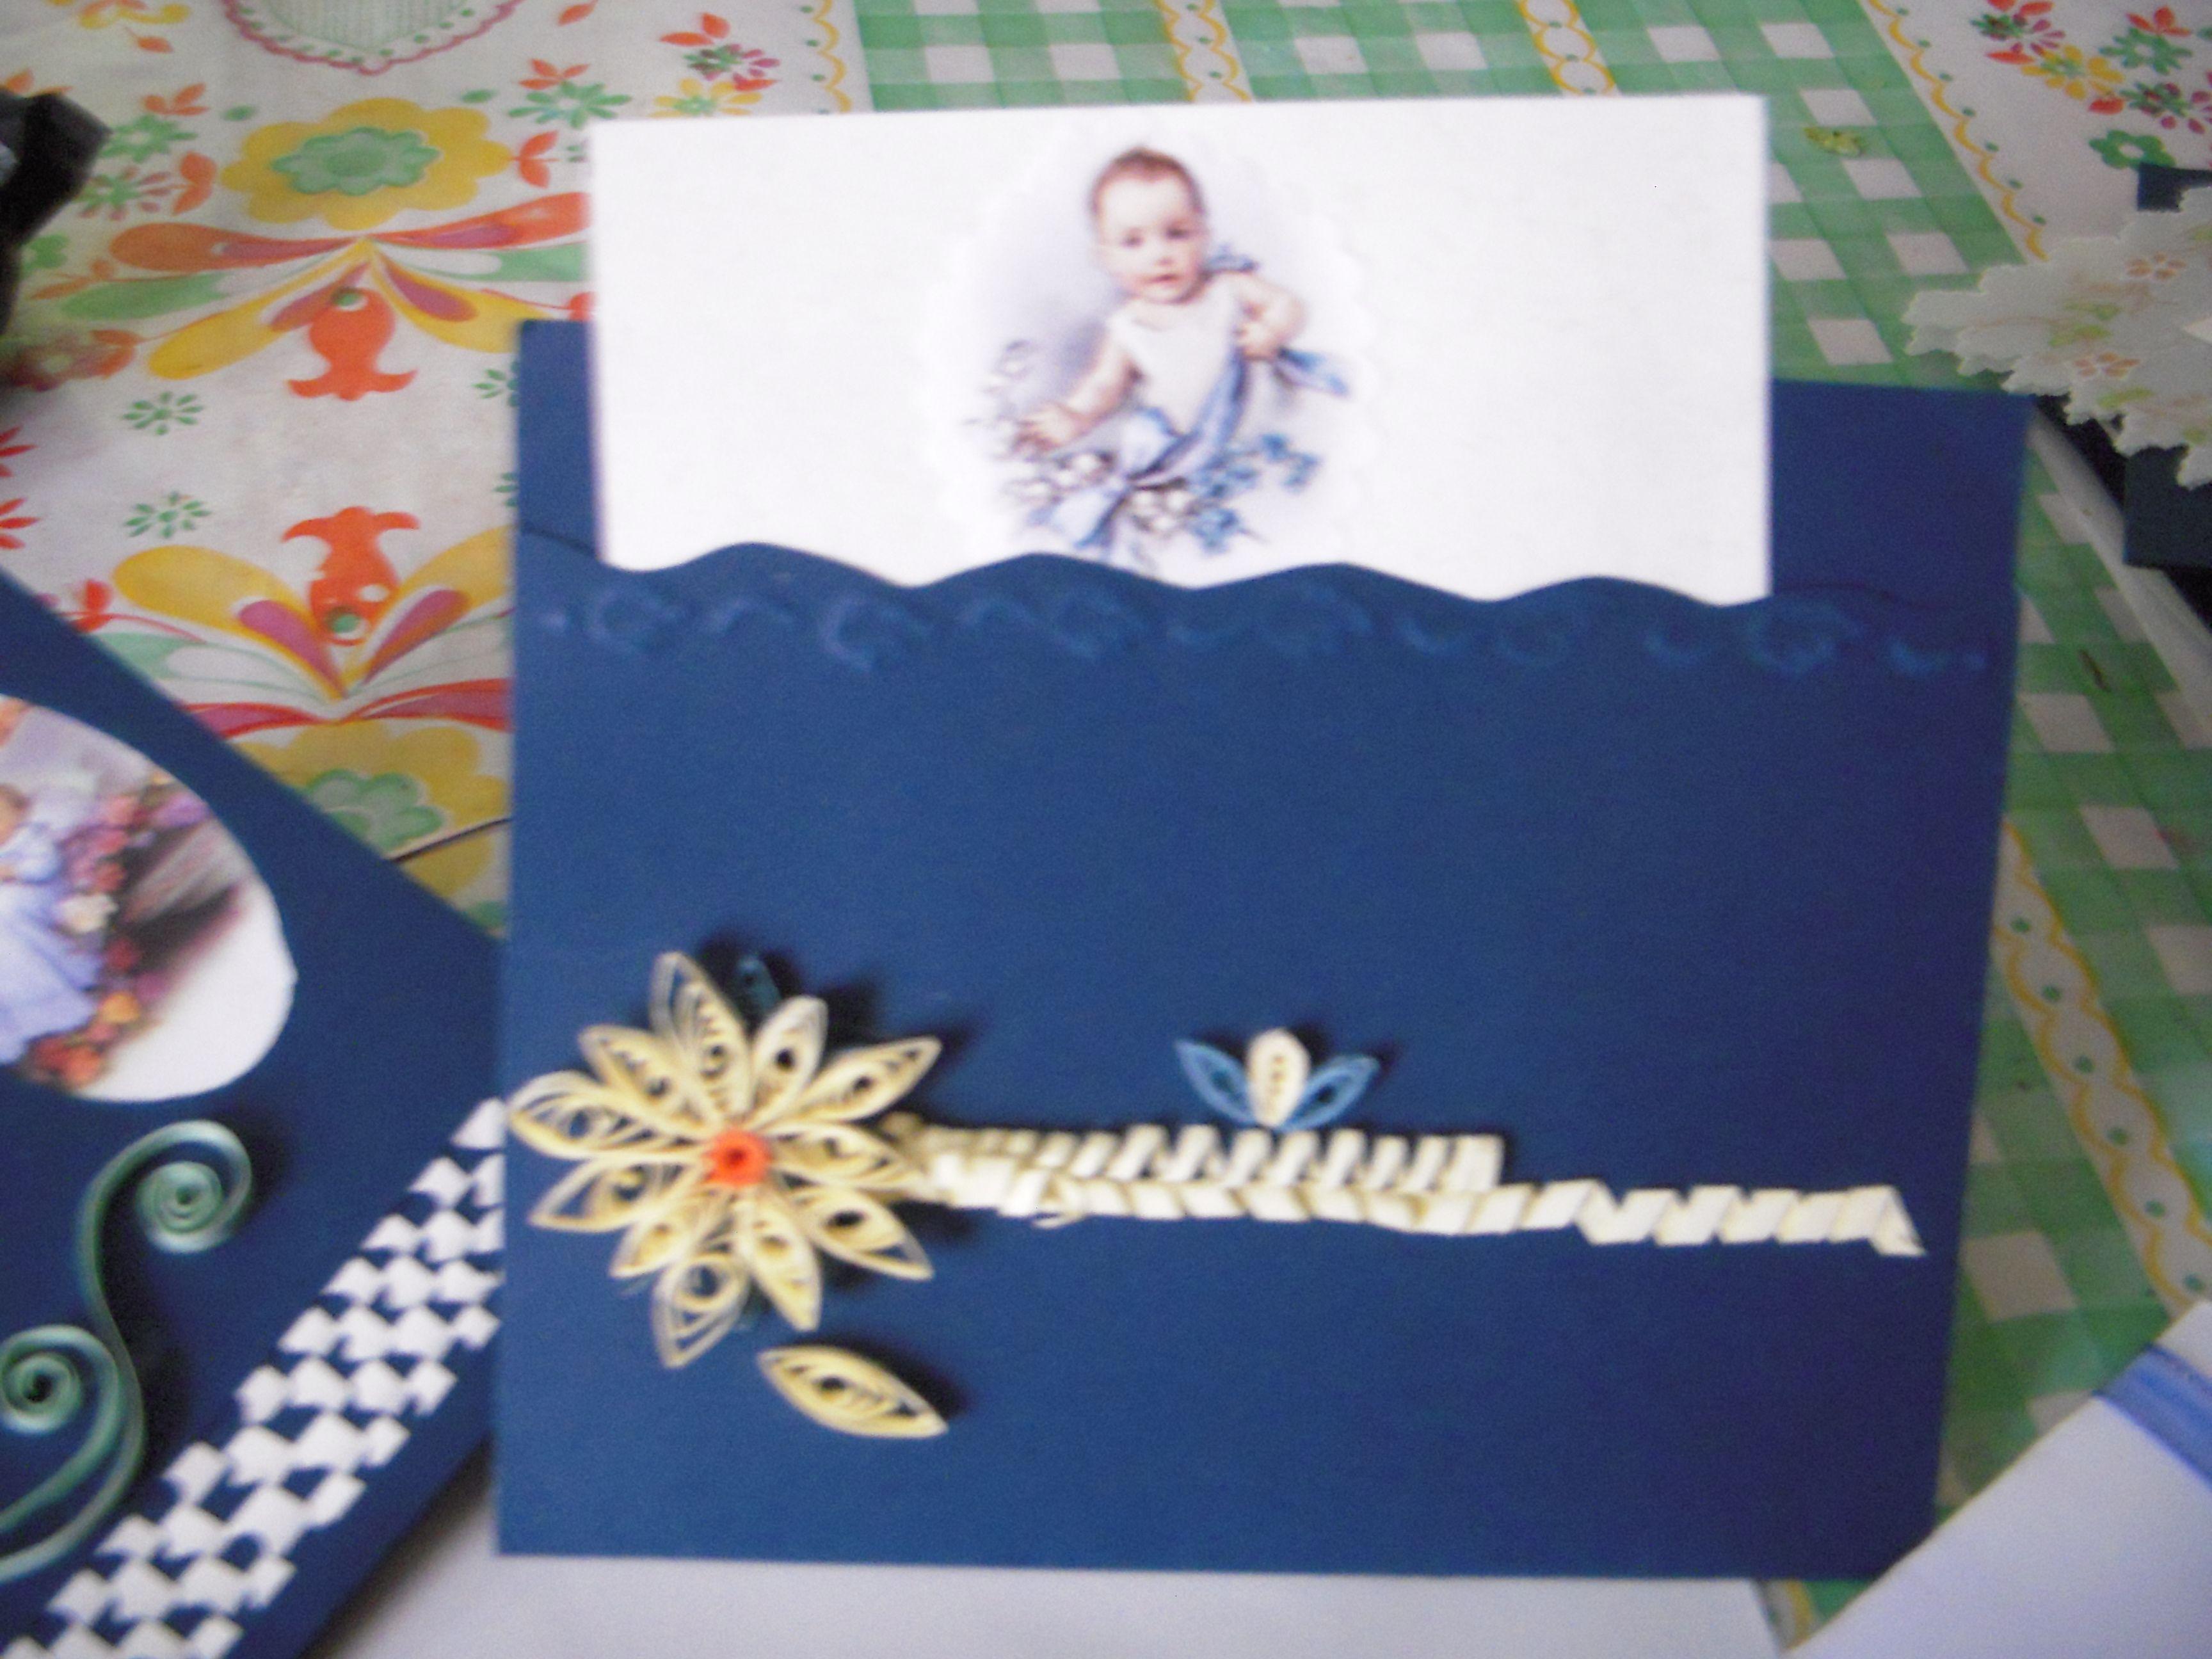 invitaciones hechas con filigrama y listón